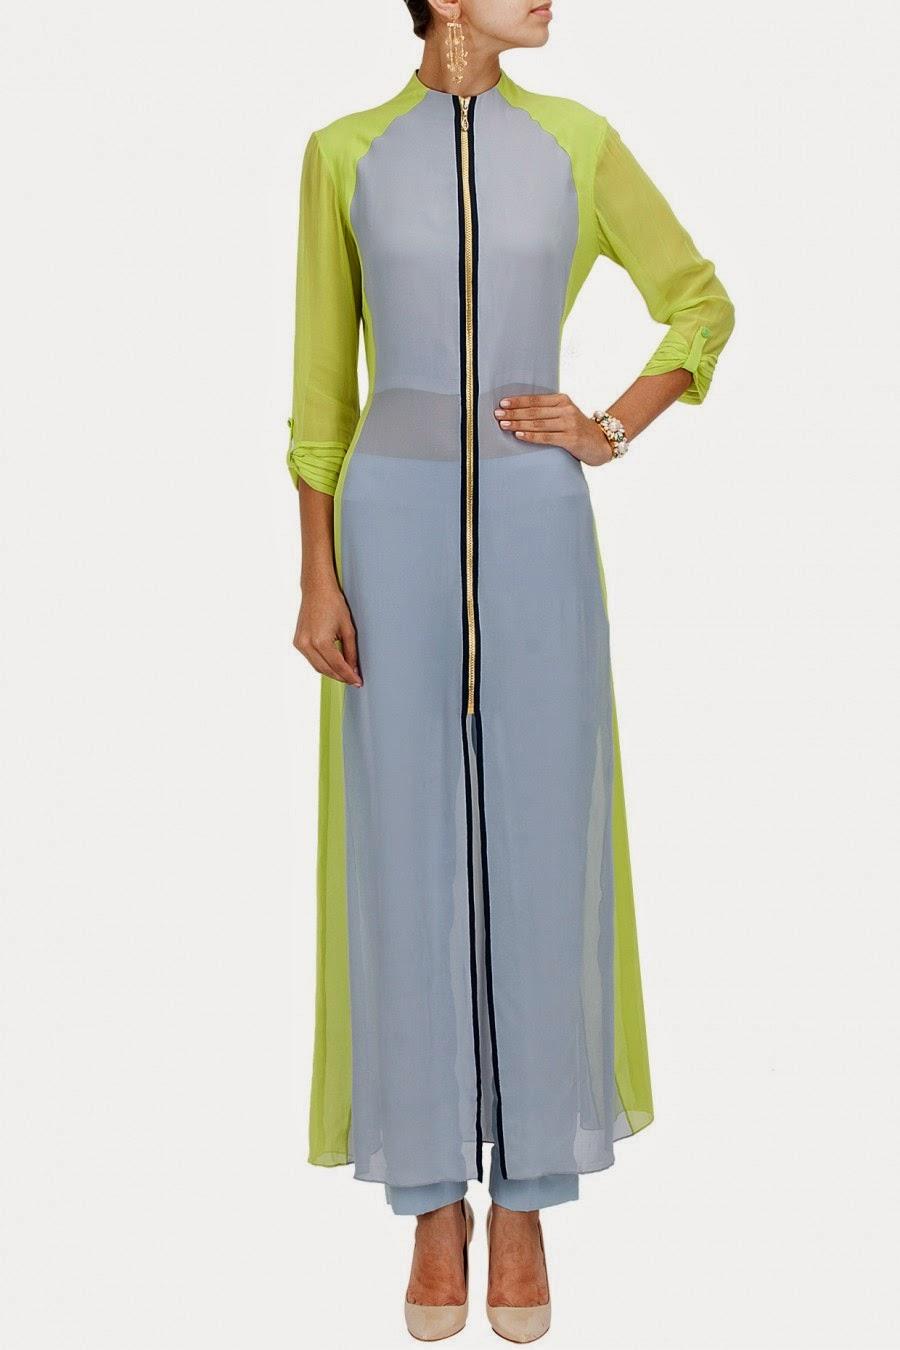 Stylish tunic designs